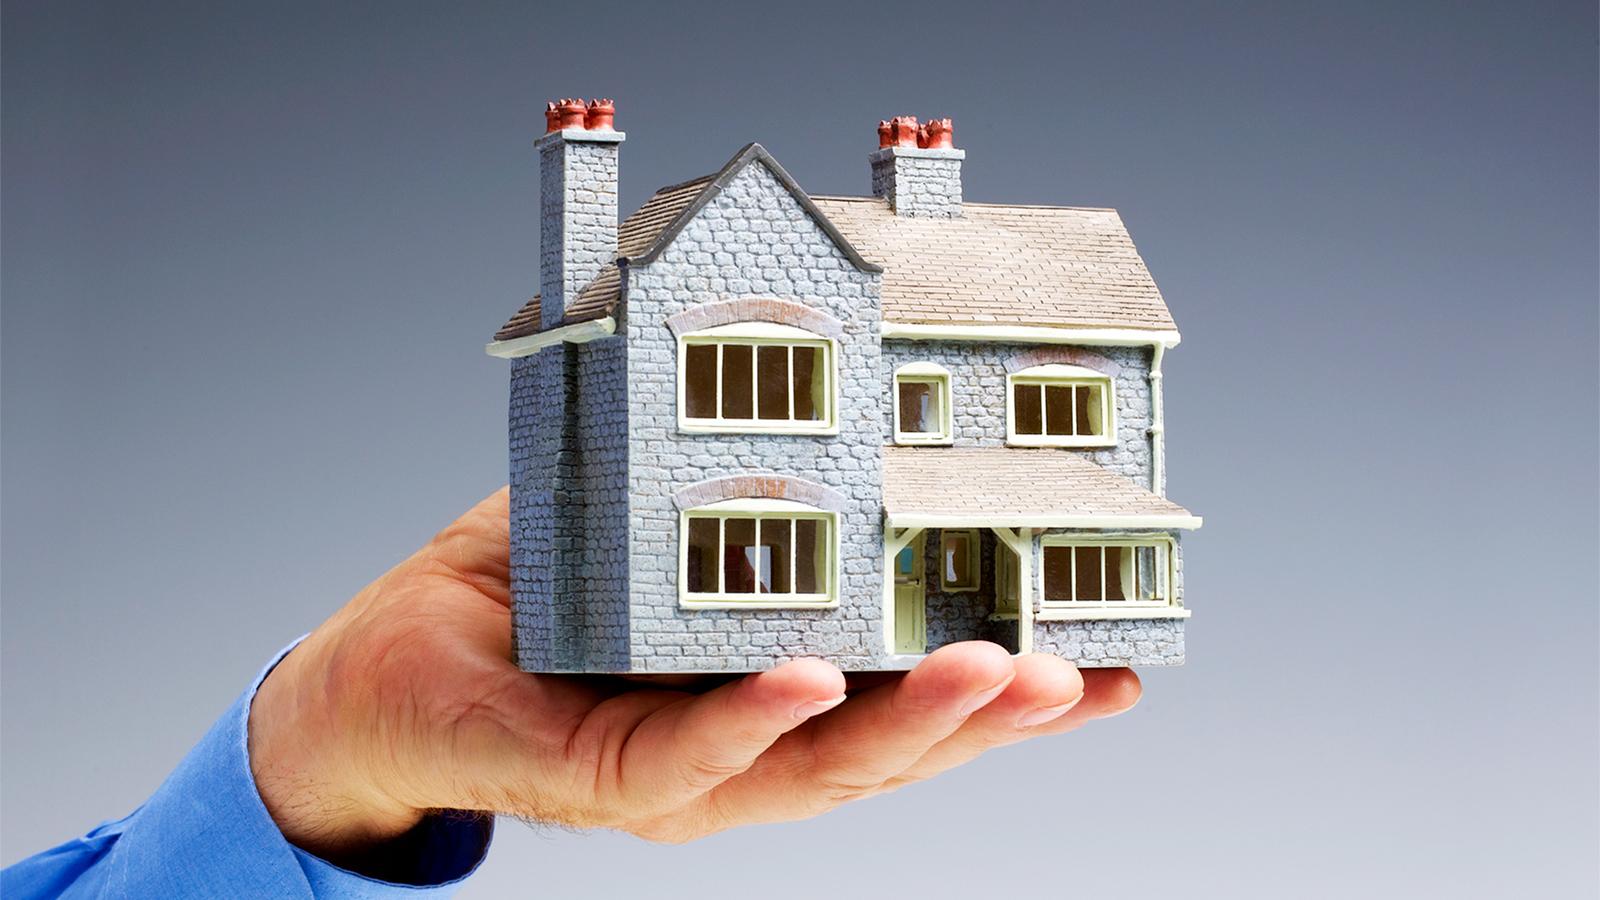 10 طرق سهلة لزيادة قيمة منزلك